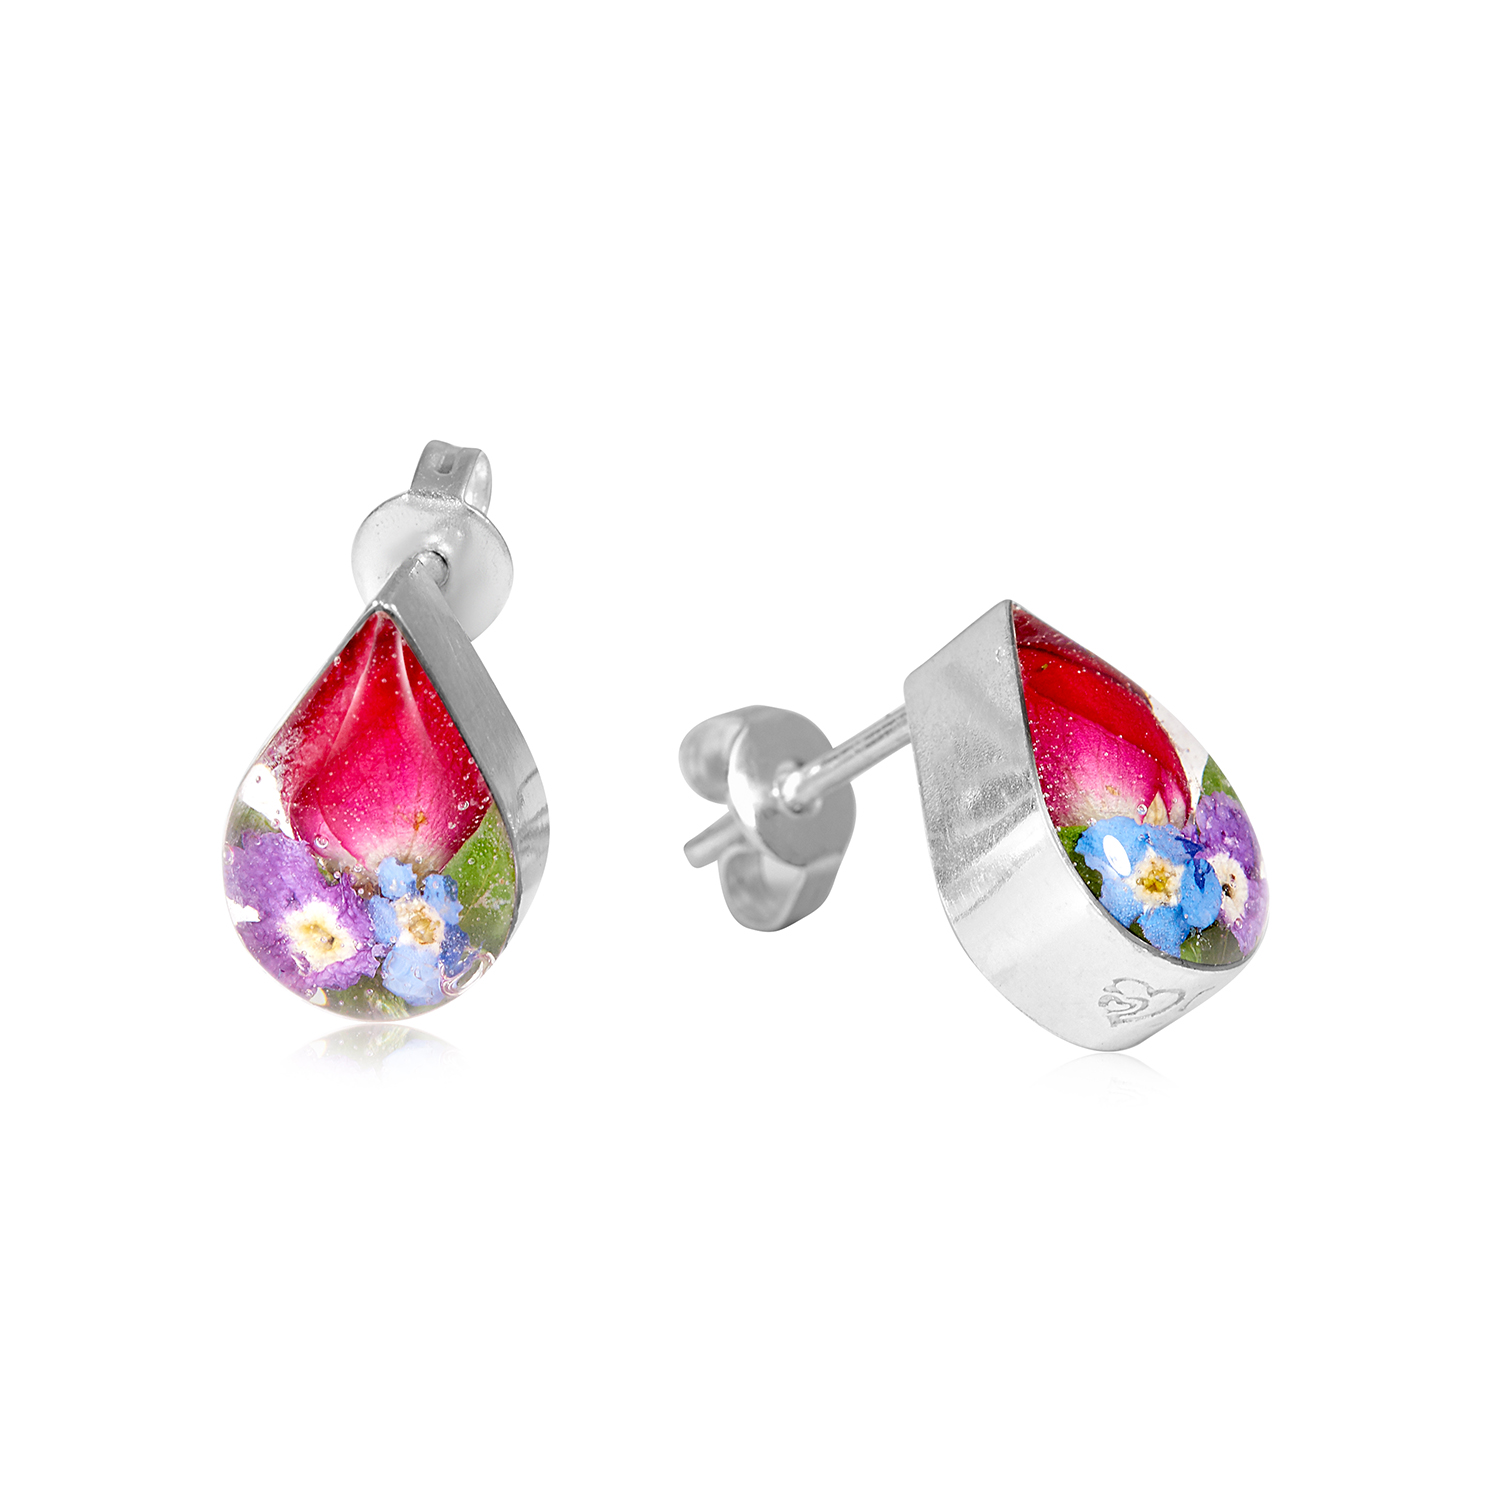 Shrieking Violet – Mixed Flowers Silver Stud Teardrop Earrings in Gift Box